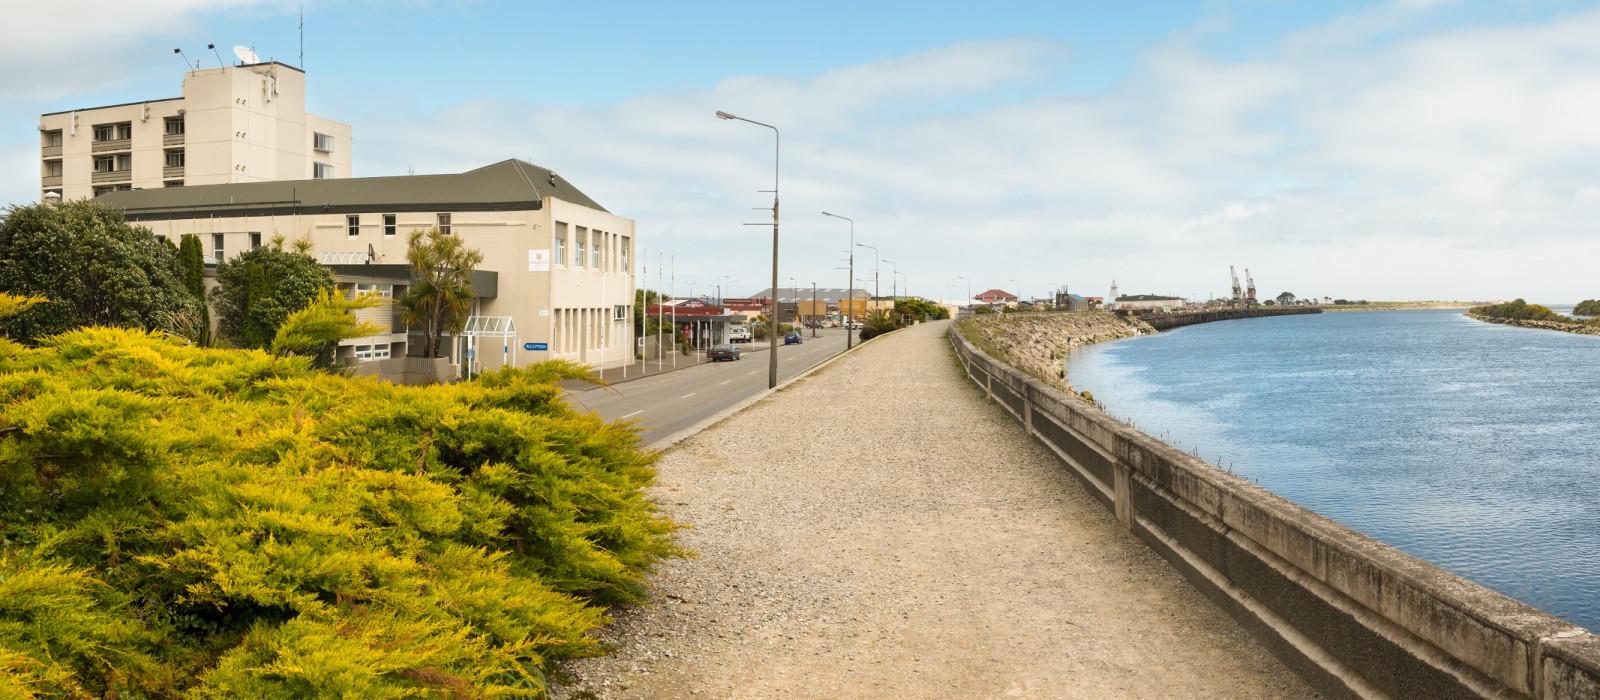 Hotel Kingsgate Greymouth New Zealand